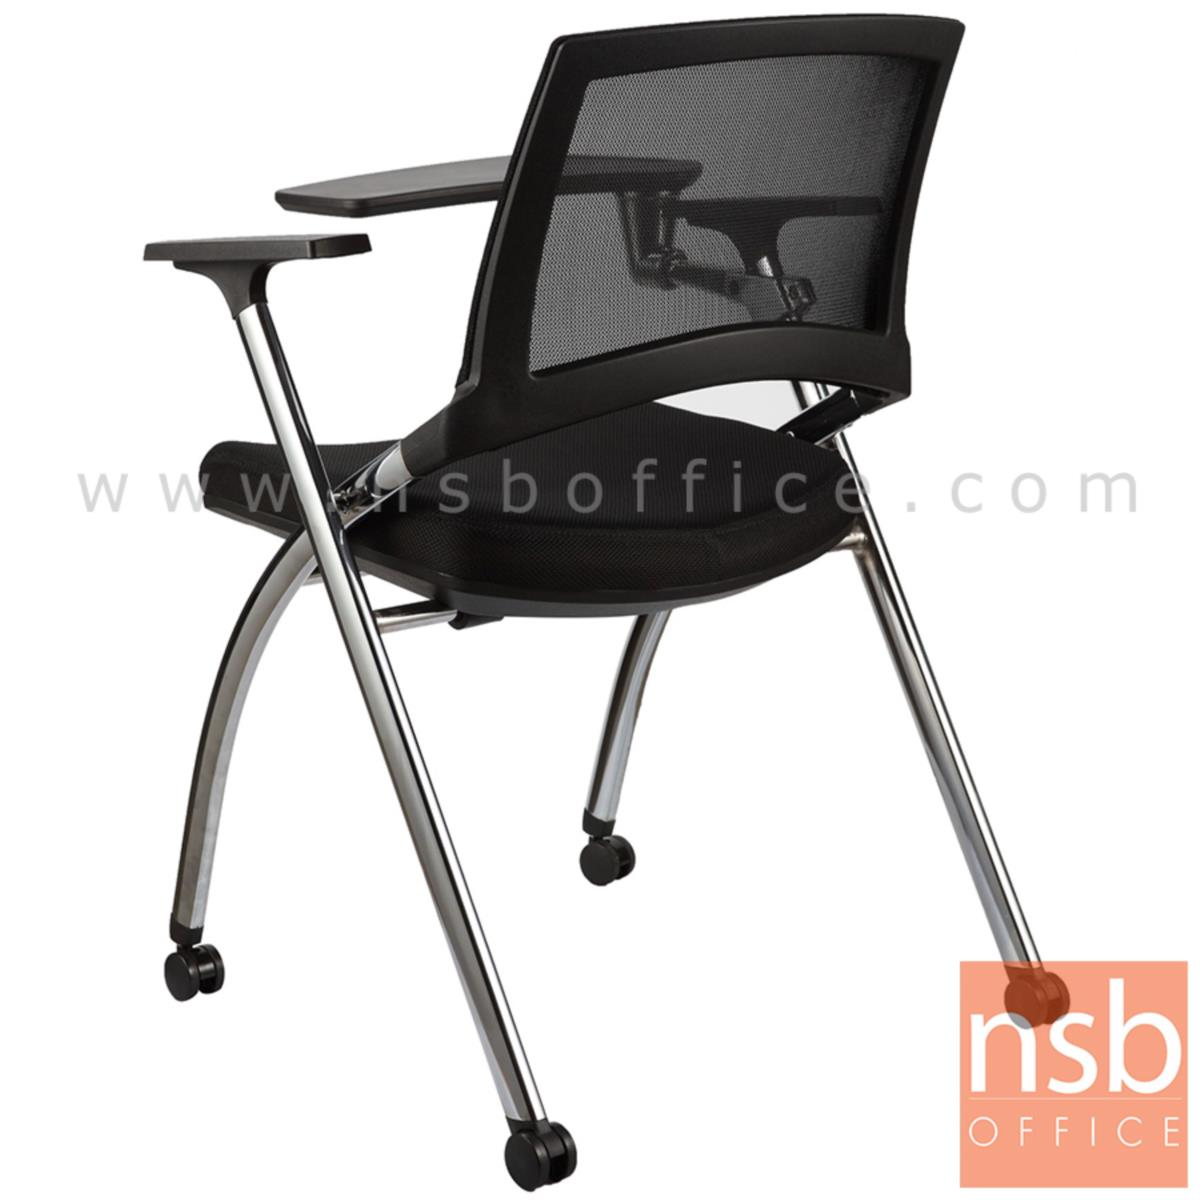 เก้าอี้เลคเชอร์หลังเน็ตล้อเลื่อน รุ่น ATHENA (อาทีน่า)  ขาเหล็ก